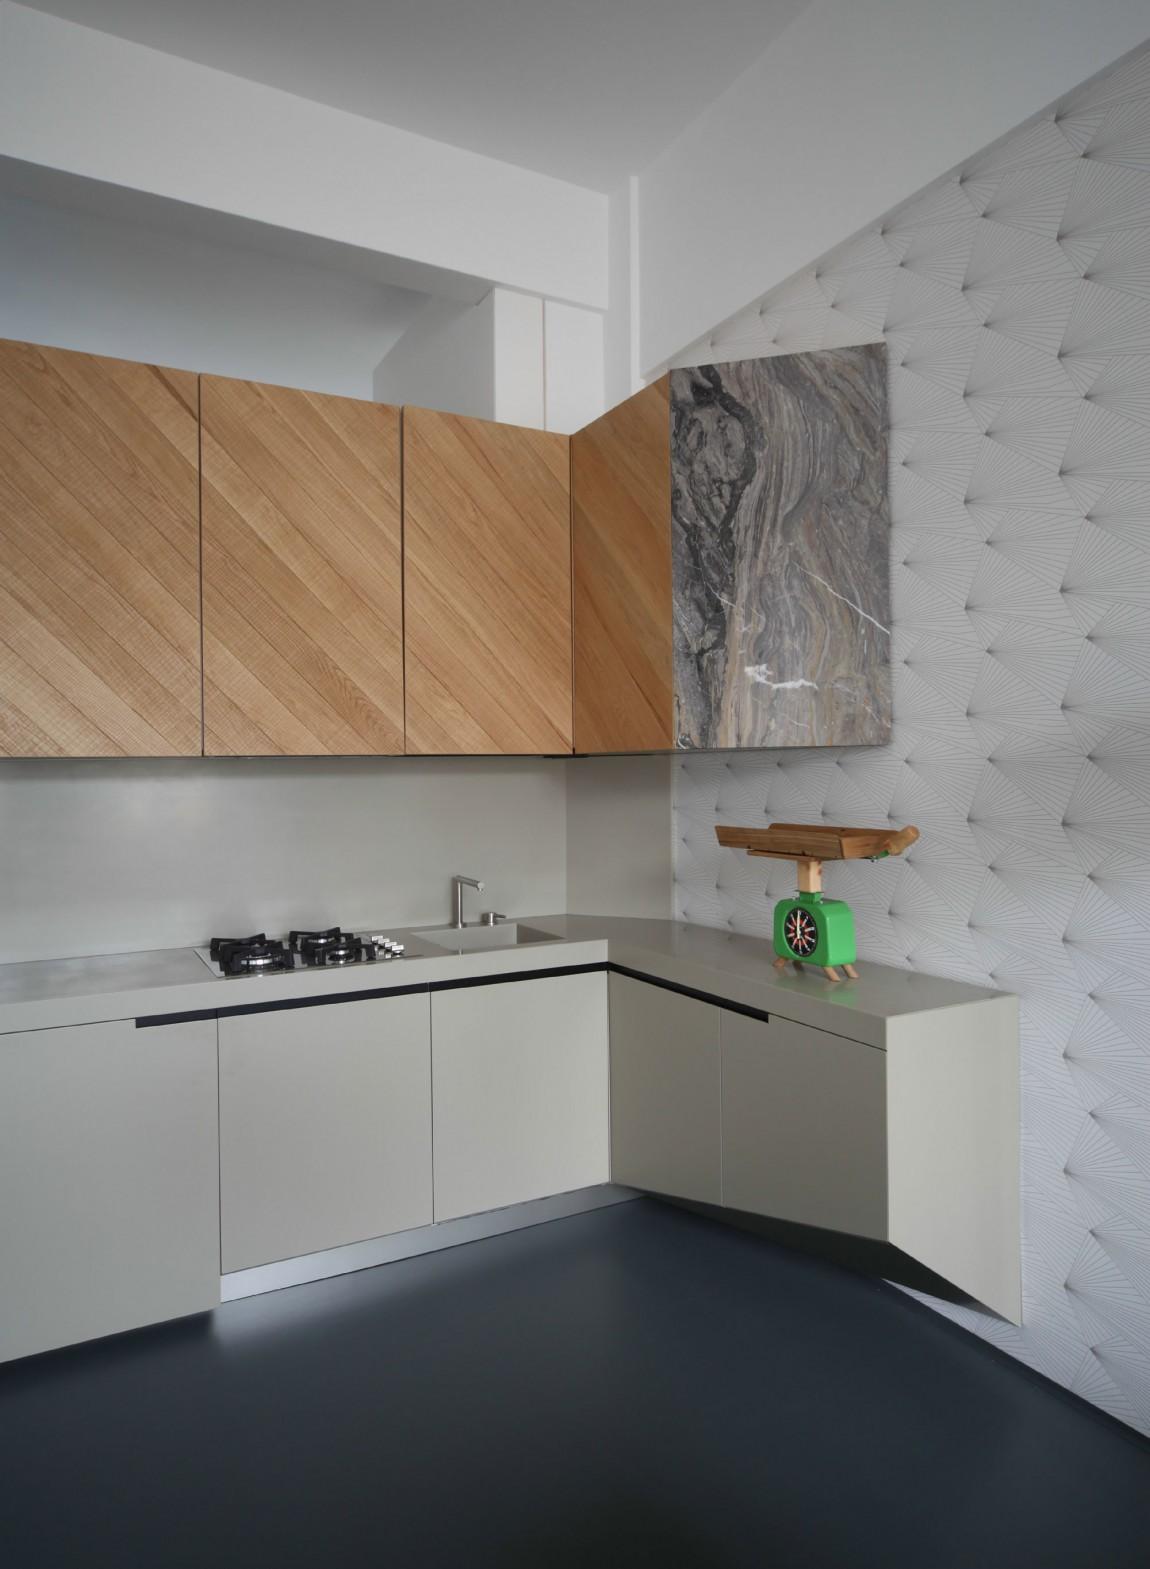 Дизайнерский интерьер небольшой кухни - фото 22